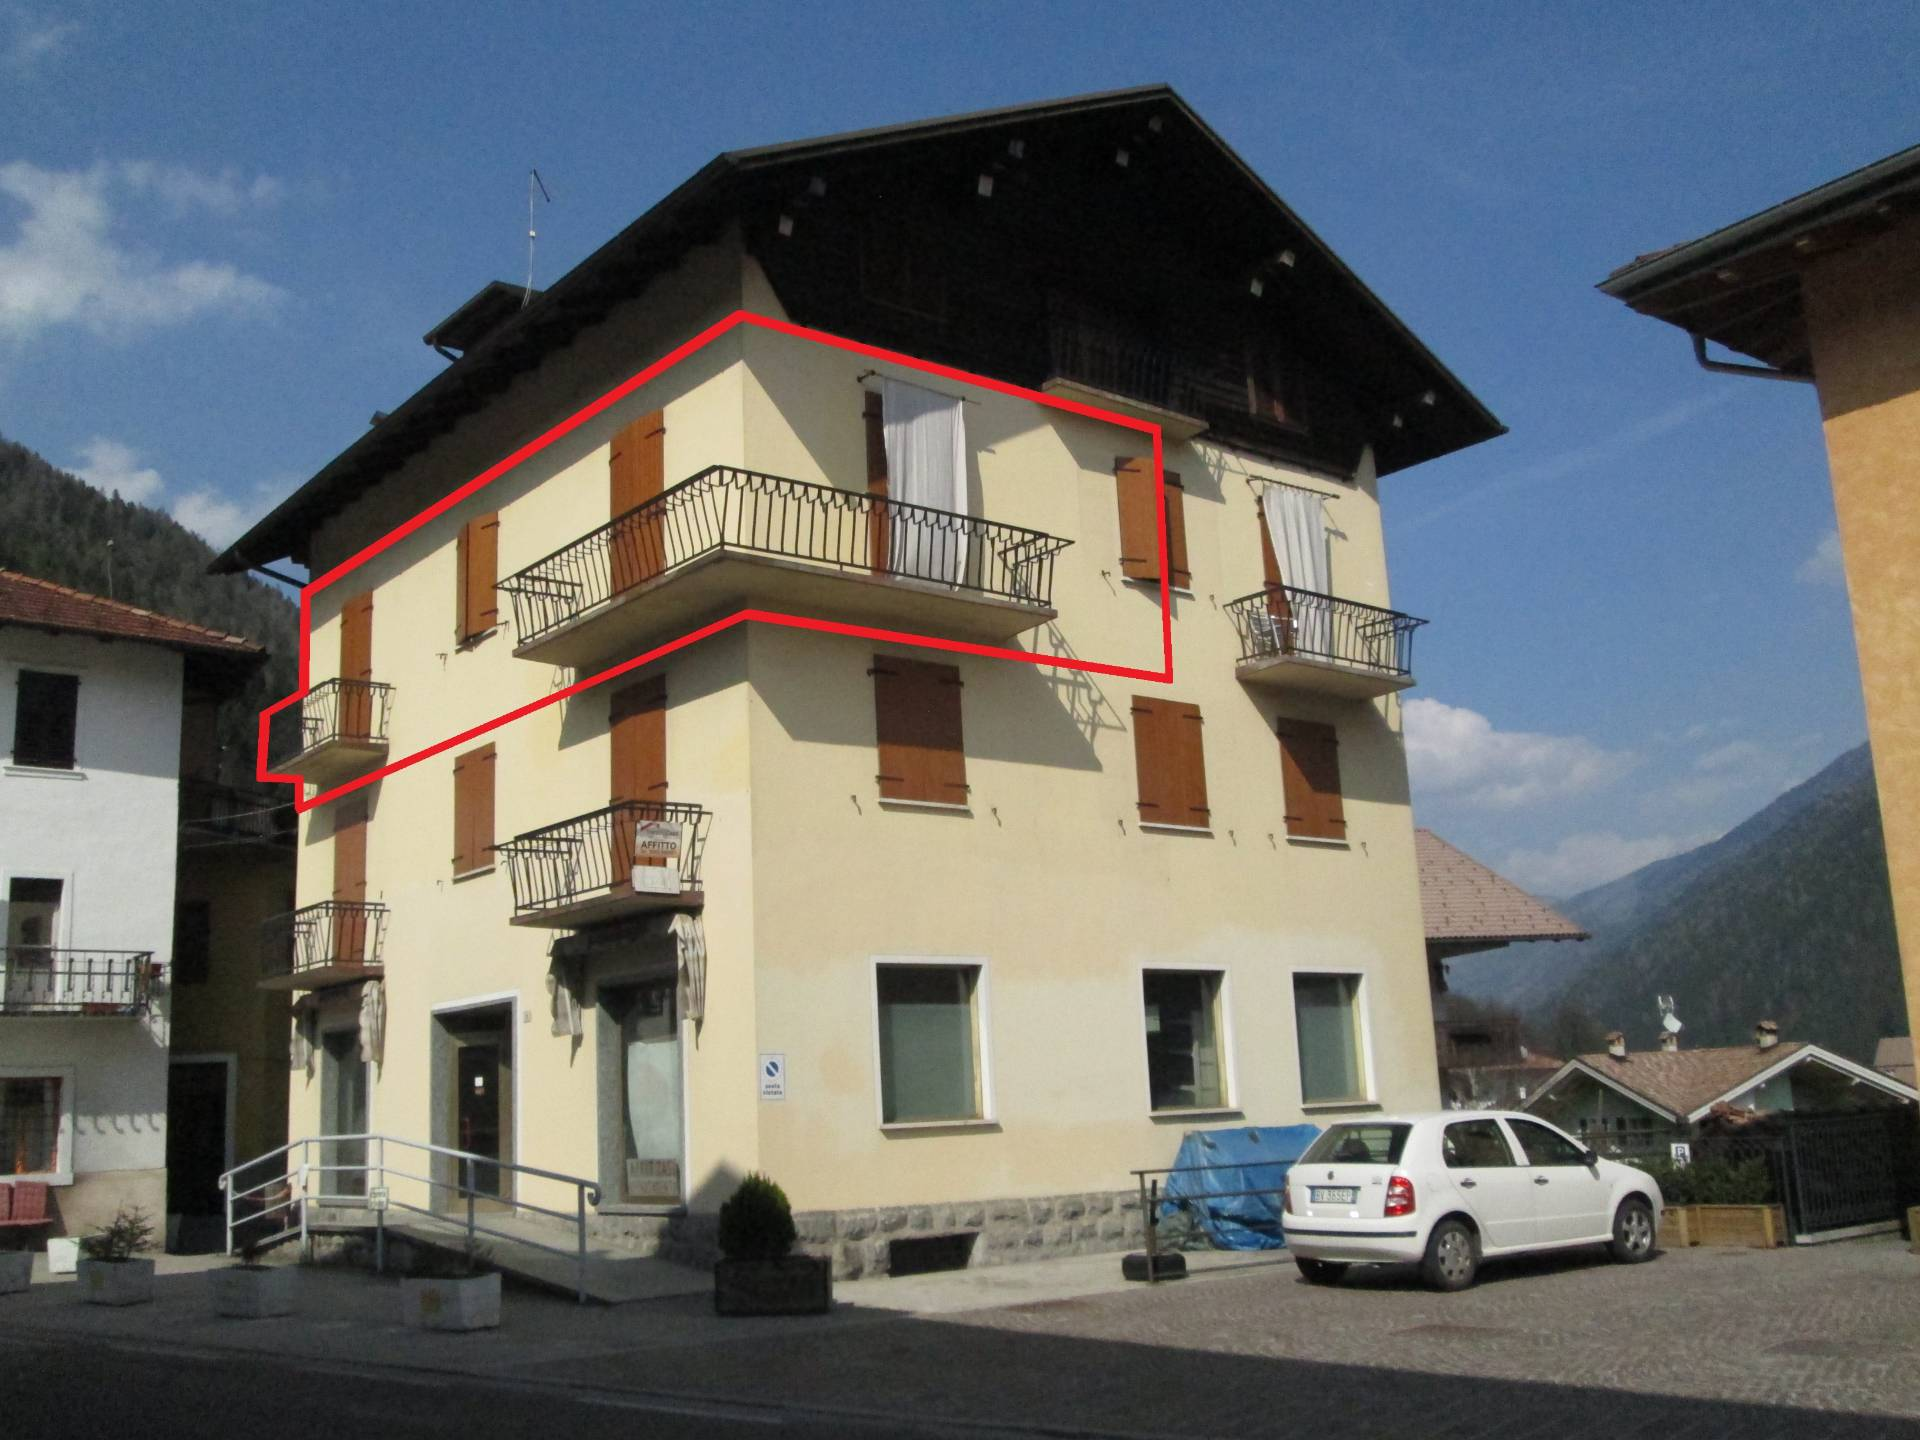 Appartamento in affitto a Villa Rendena, 3 locali, zona Zona: Iavrè, prezzo € 300 | CambioCasa.it